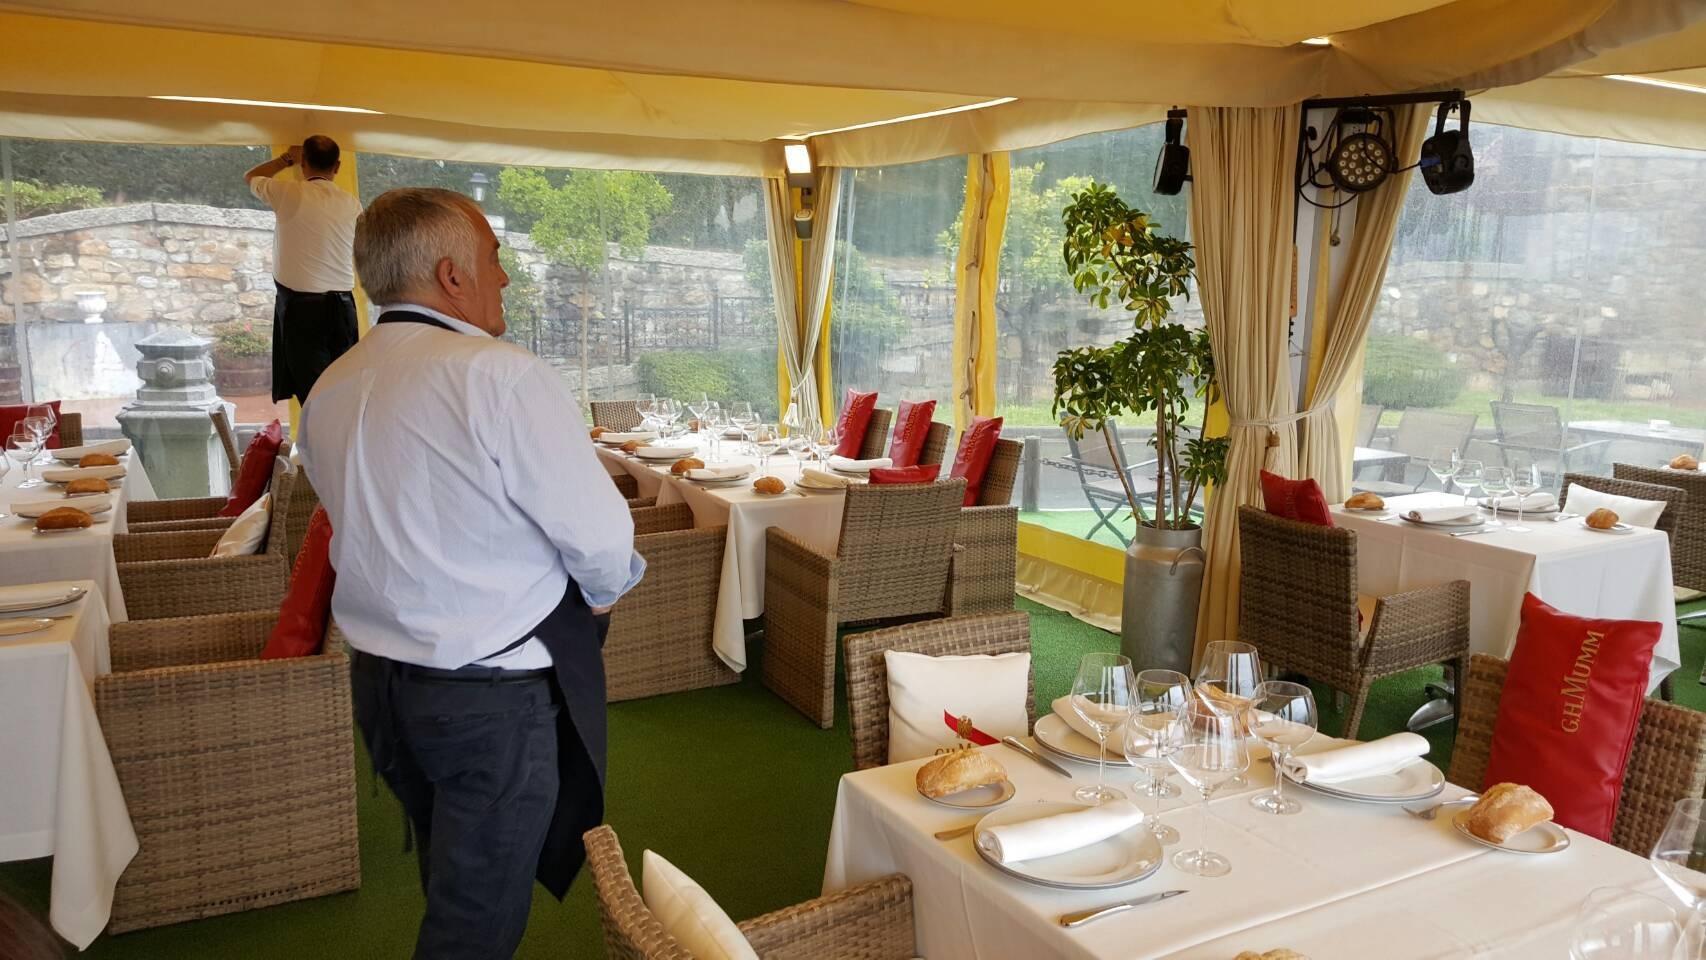 2017年GW スペインバスク地方、ワイナリーと バル巡りの旅 その4 ビルバオを一望できるレストランで_a0223786_13292781.jpg